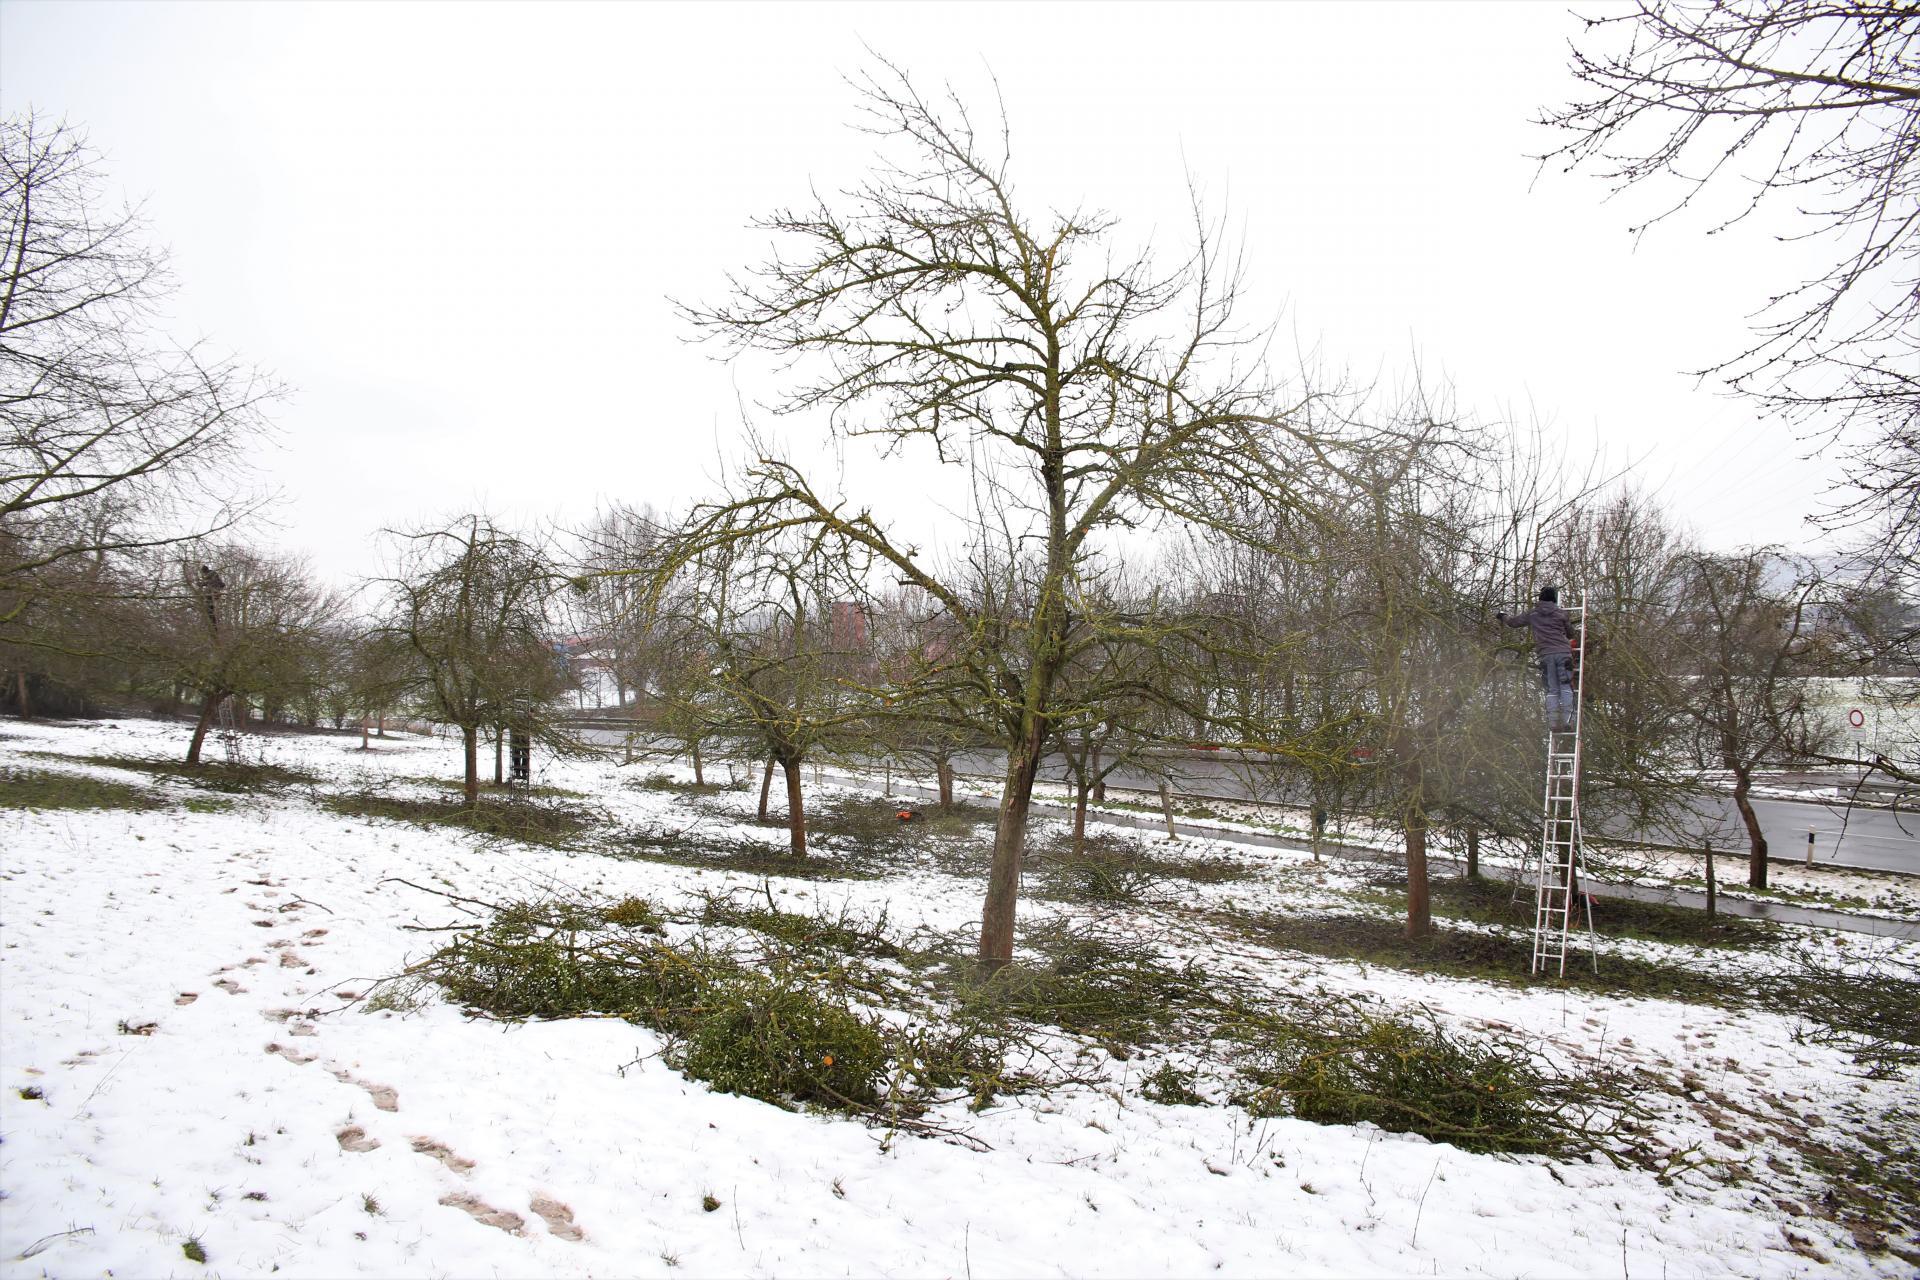 Streuobstschnitt - Frisch geschnittener Baum